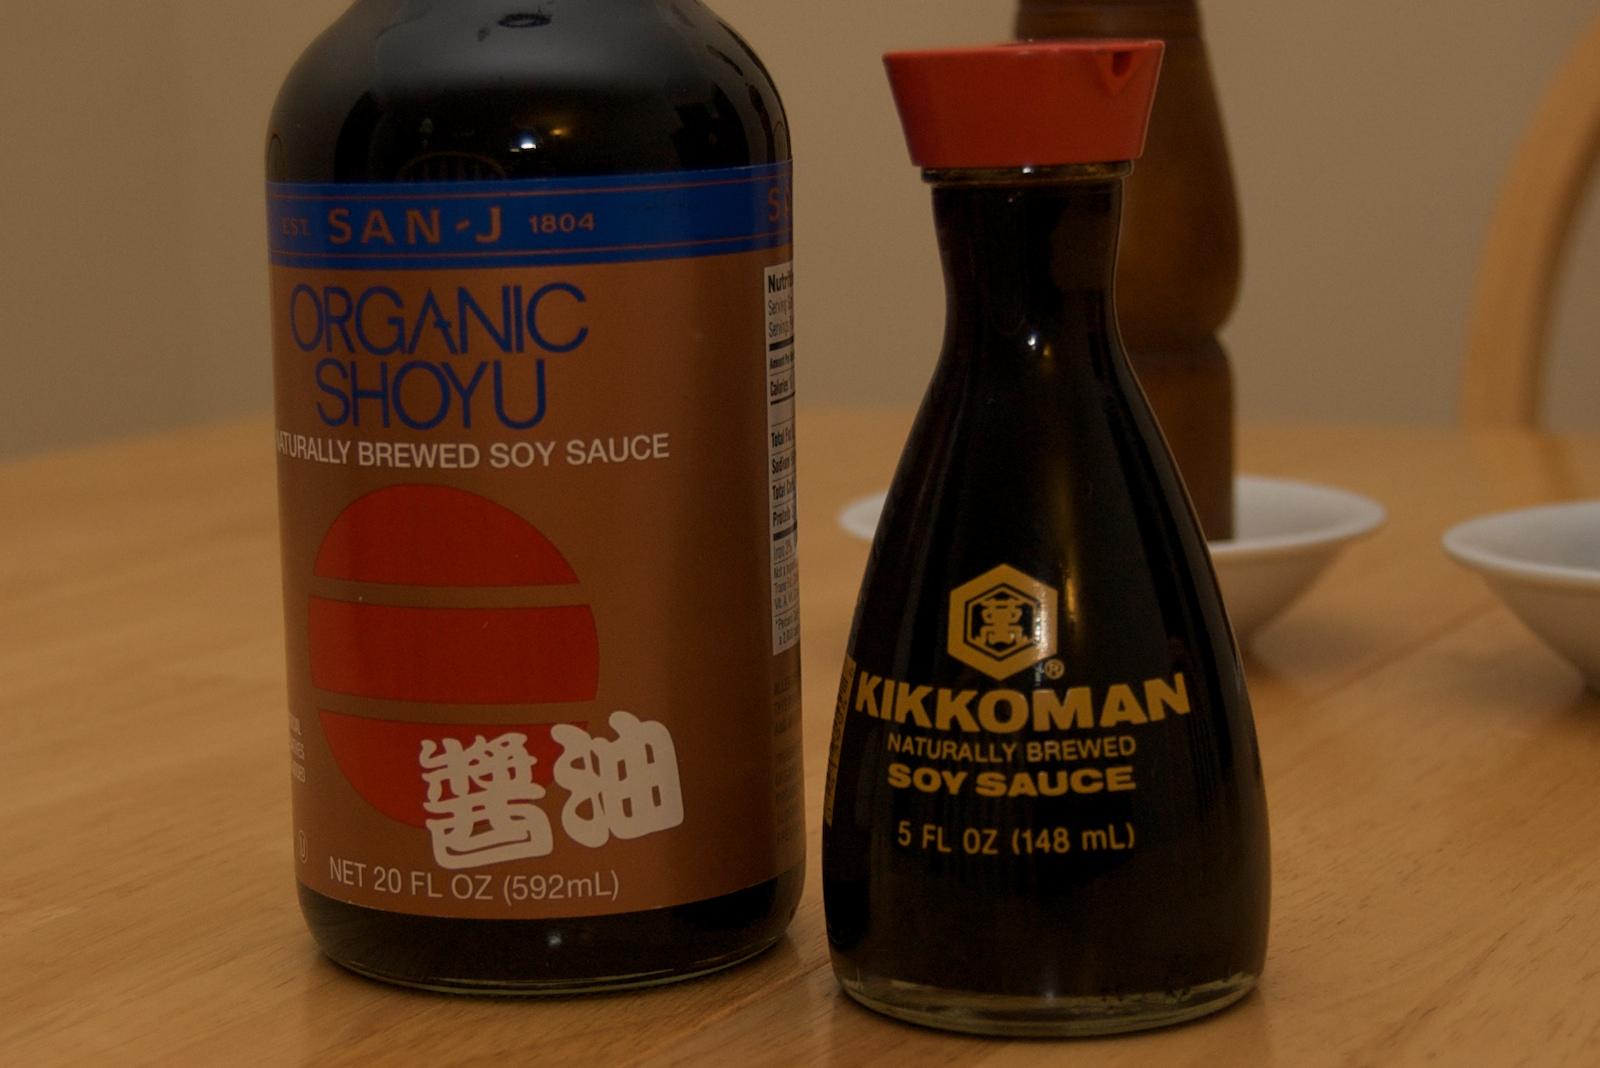 http://blog.rickk.com/food/2010/01/16/soy.jpg